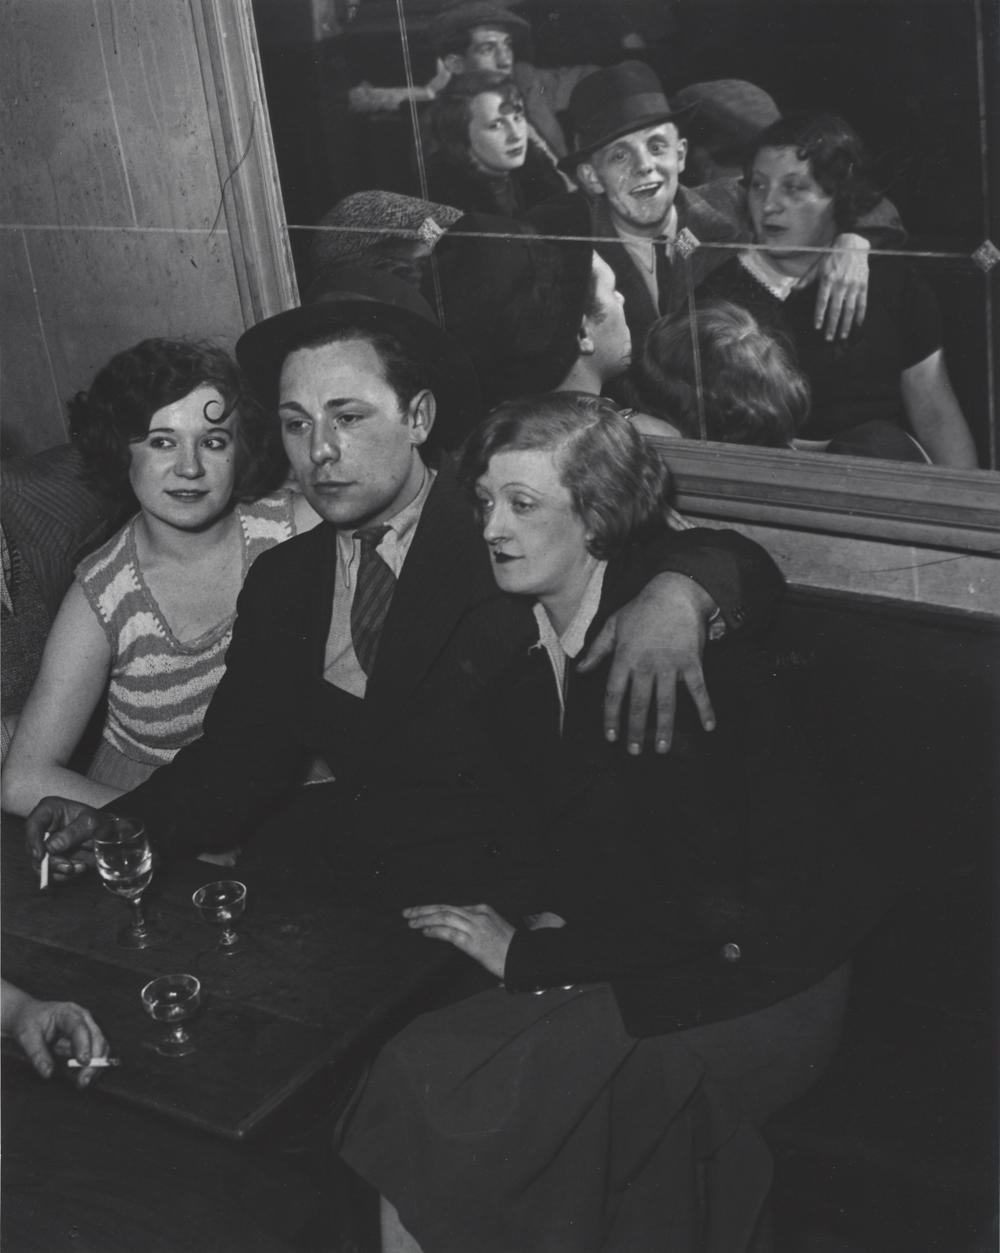 BRASSAI,  Groupe Joyeux au bal musette des Quatre Saisons,  rue de Lappe, Paris, France,c. 1932